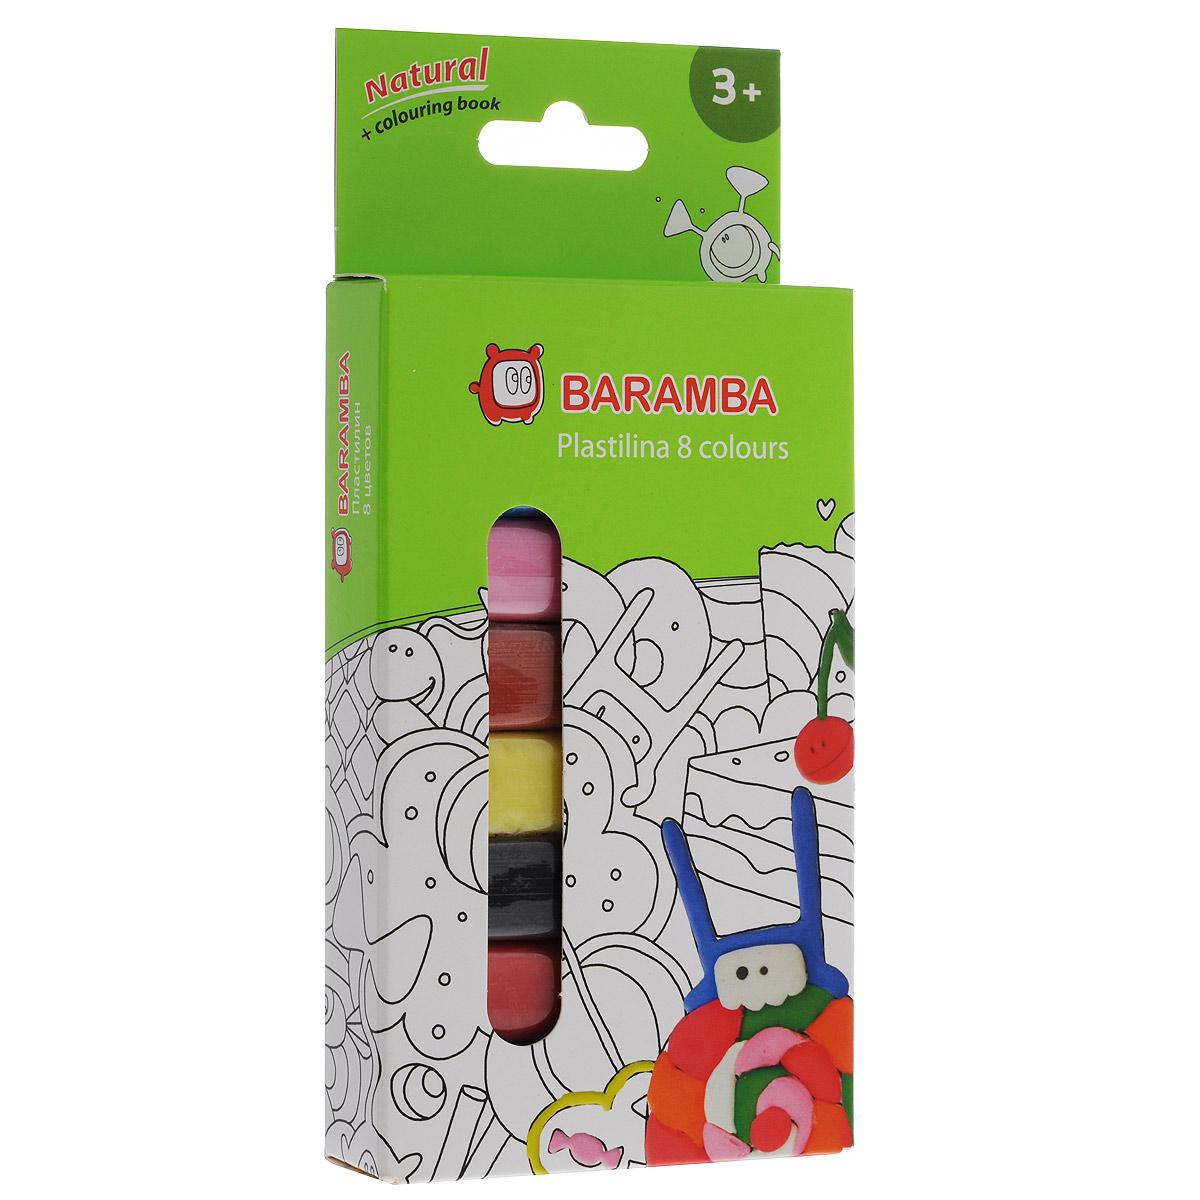 Пластилин на натуральной основе Baramba, 8 цветов, с раскраской72523WDПластилин Baramba это отличная возможность познакомить ребенка с еще одним из видов изобразительного творчества, в котором создаются объемные образы и целые композиции. В набор входит пластилин 8 ярких цветов (белый, голубой, розовый, светло-коричневый, желтый, черный, красный, зеленый) и раскраска. Цвета пластилина легко смешиваются между собой, и таким образом можно получить новые оттенки. Пластилин на растительной основе имеет яркие, красочные цвета и не липнет к рукам, не сохнет.Техника лепки богата и разнообразна, но при этом доступна даже маленьким детям. Занятие лепкой не только увлекательно, но и полезно для ребенка. Оно способствует развитию творческого и пространственного мышления, восприятия формы, фактуры, цвета и веса, развивает воображение и мелкую моторику.